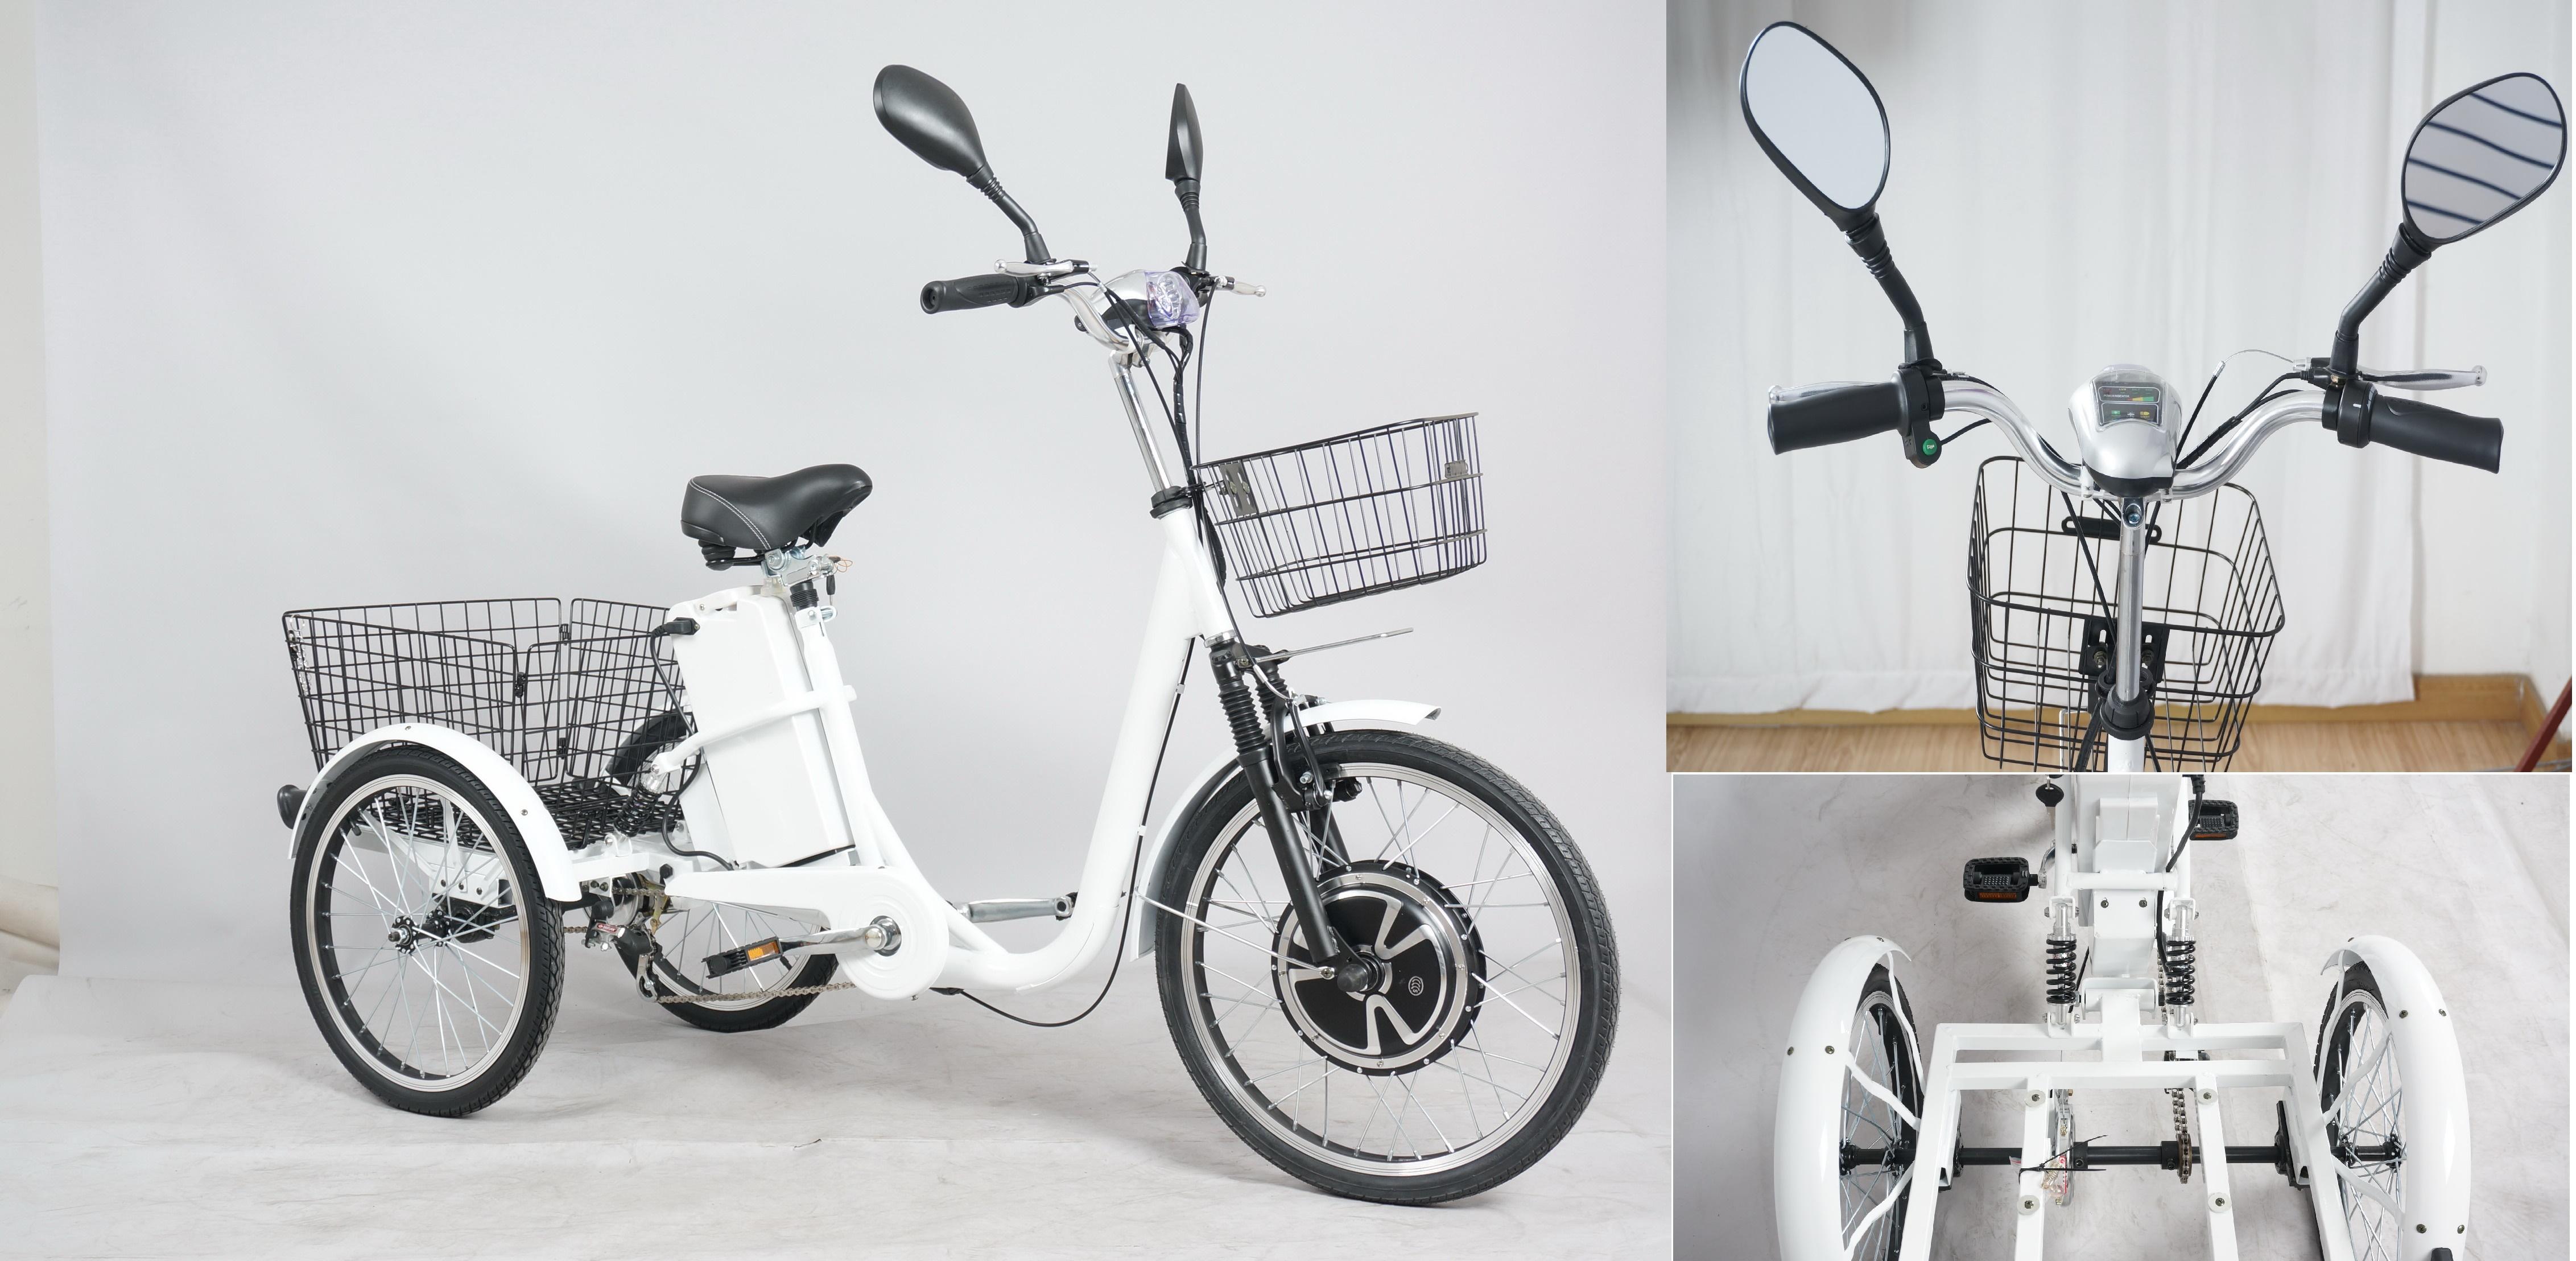 bicicletta elettrica a tre ruote con ammortizzatori